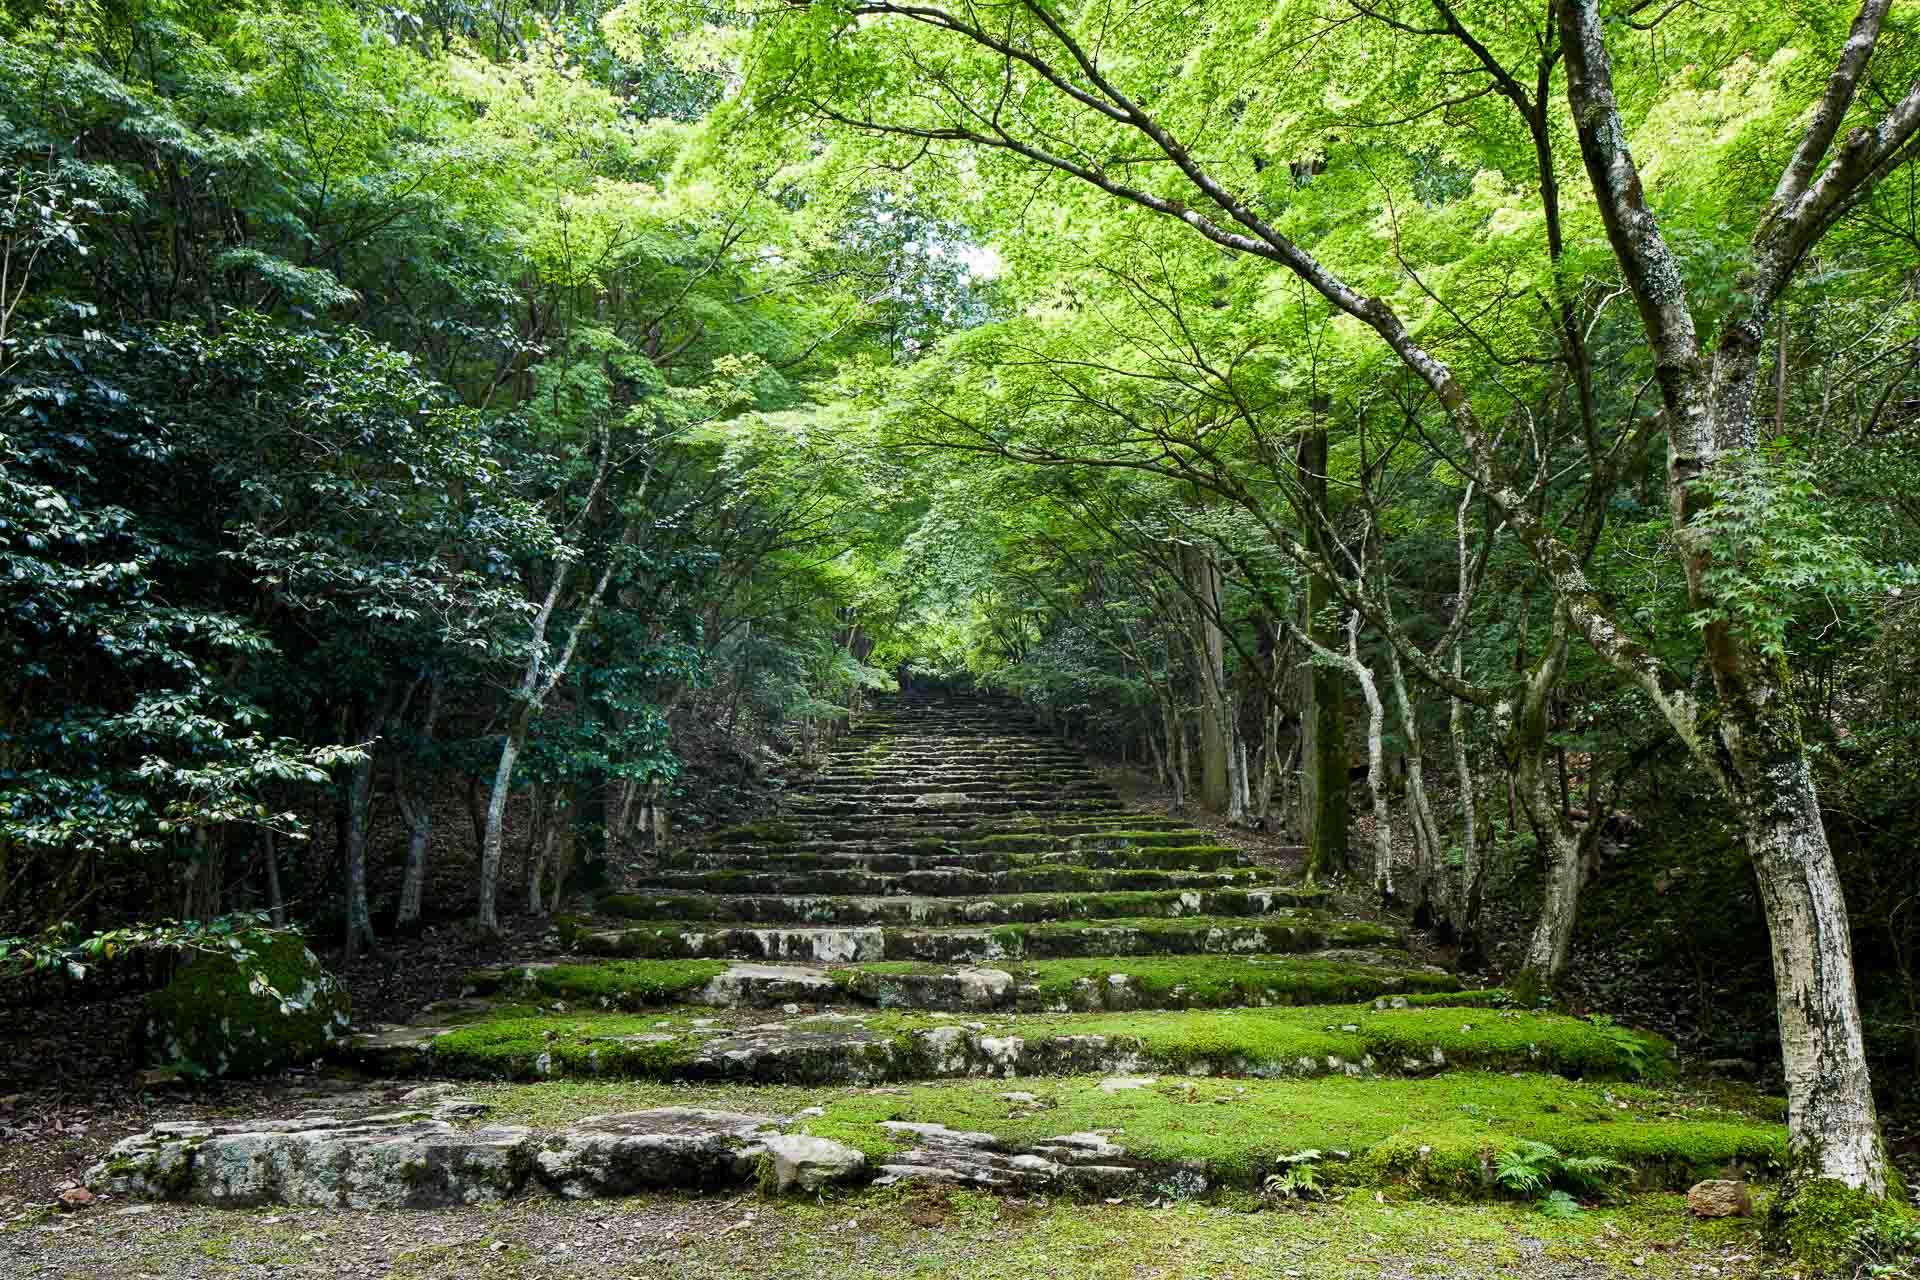 Enfin, Aman Kyoto permet de profiter de la quiétude de trois hectares de jardins, eux-mêmes entourés de près de 30 hectares de forêt